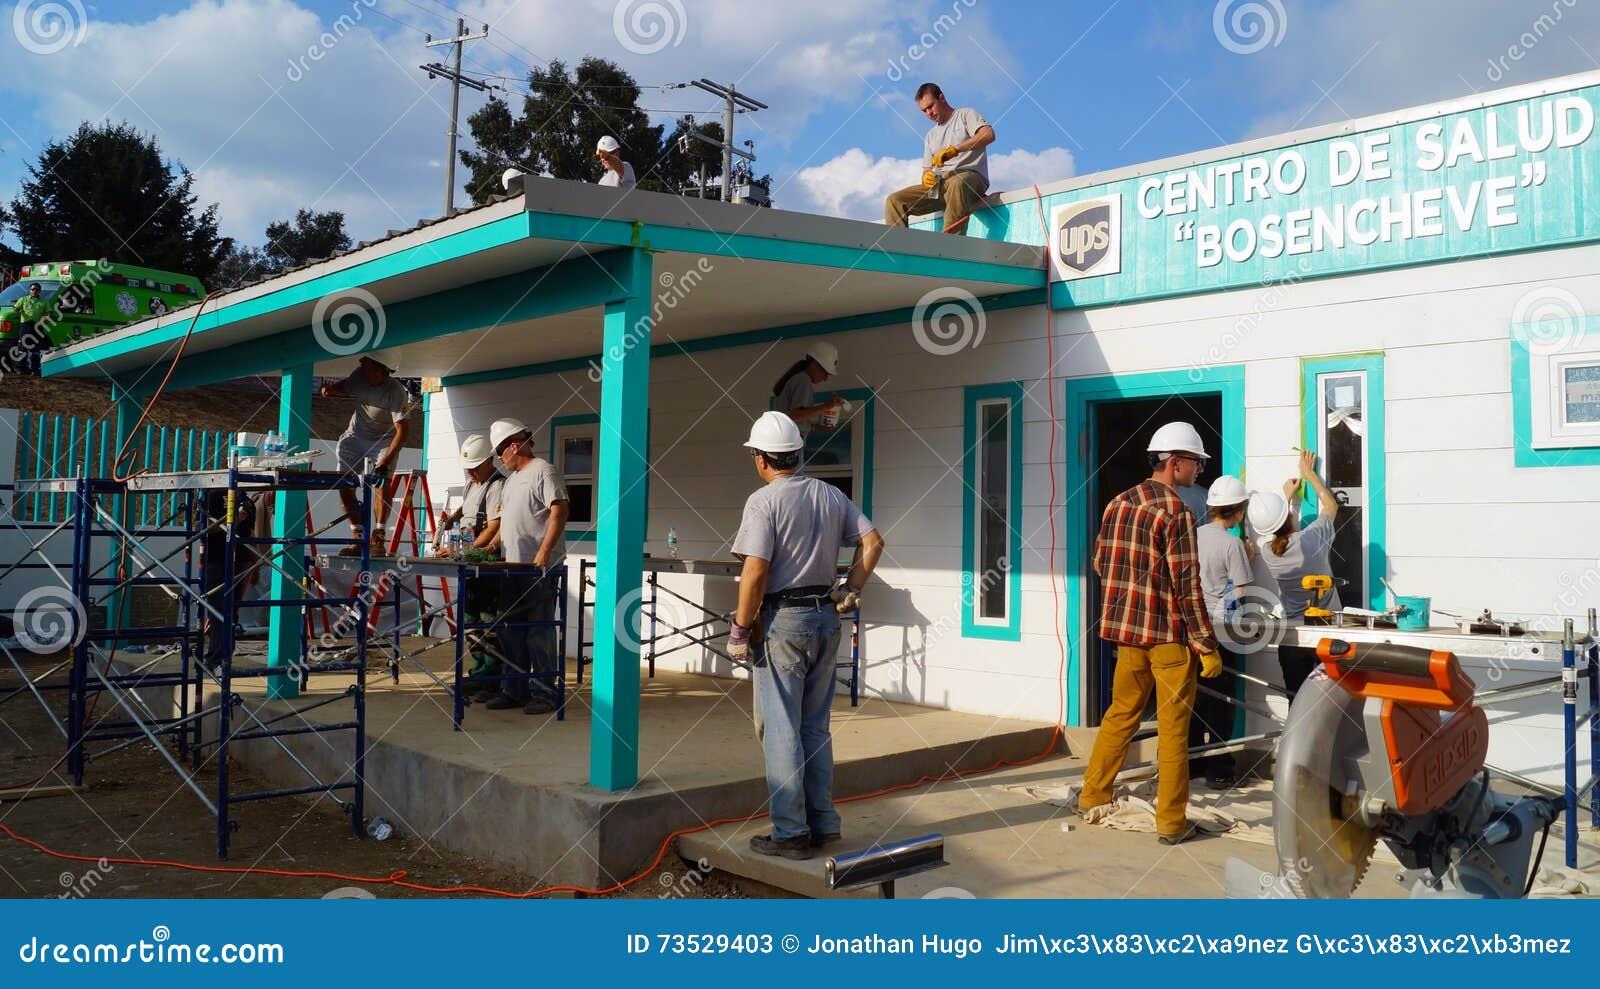 Los trabajadores del trabajo en equipo construyen un centro del médico